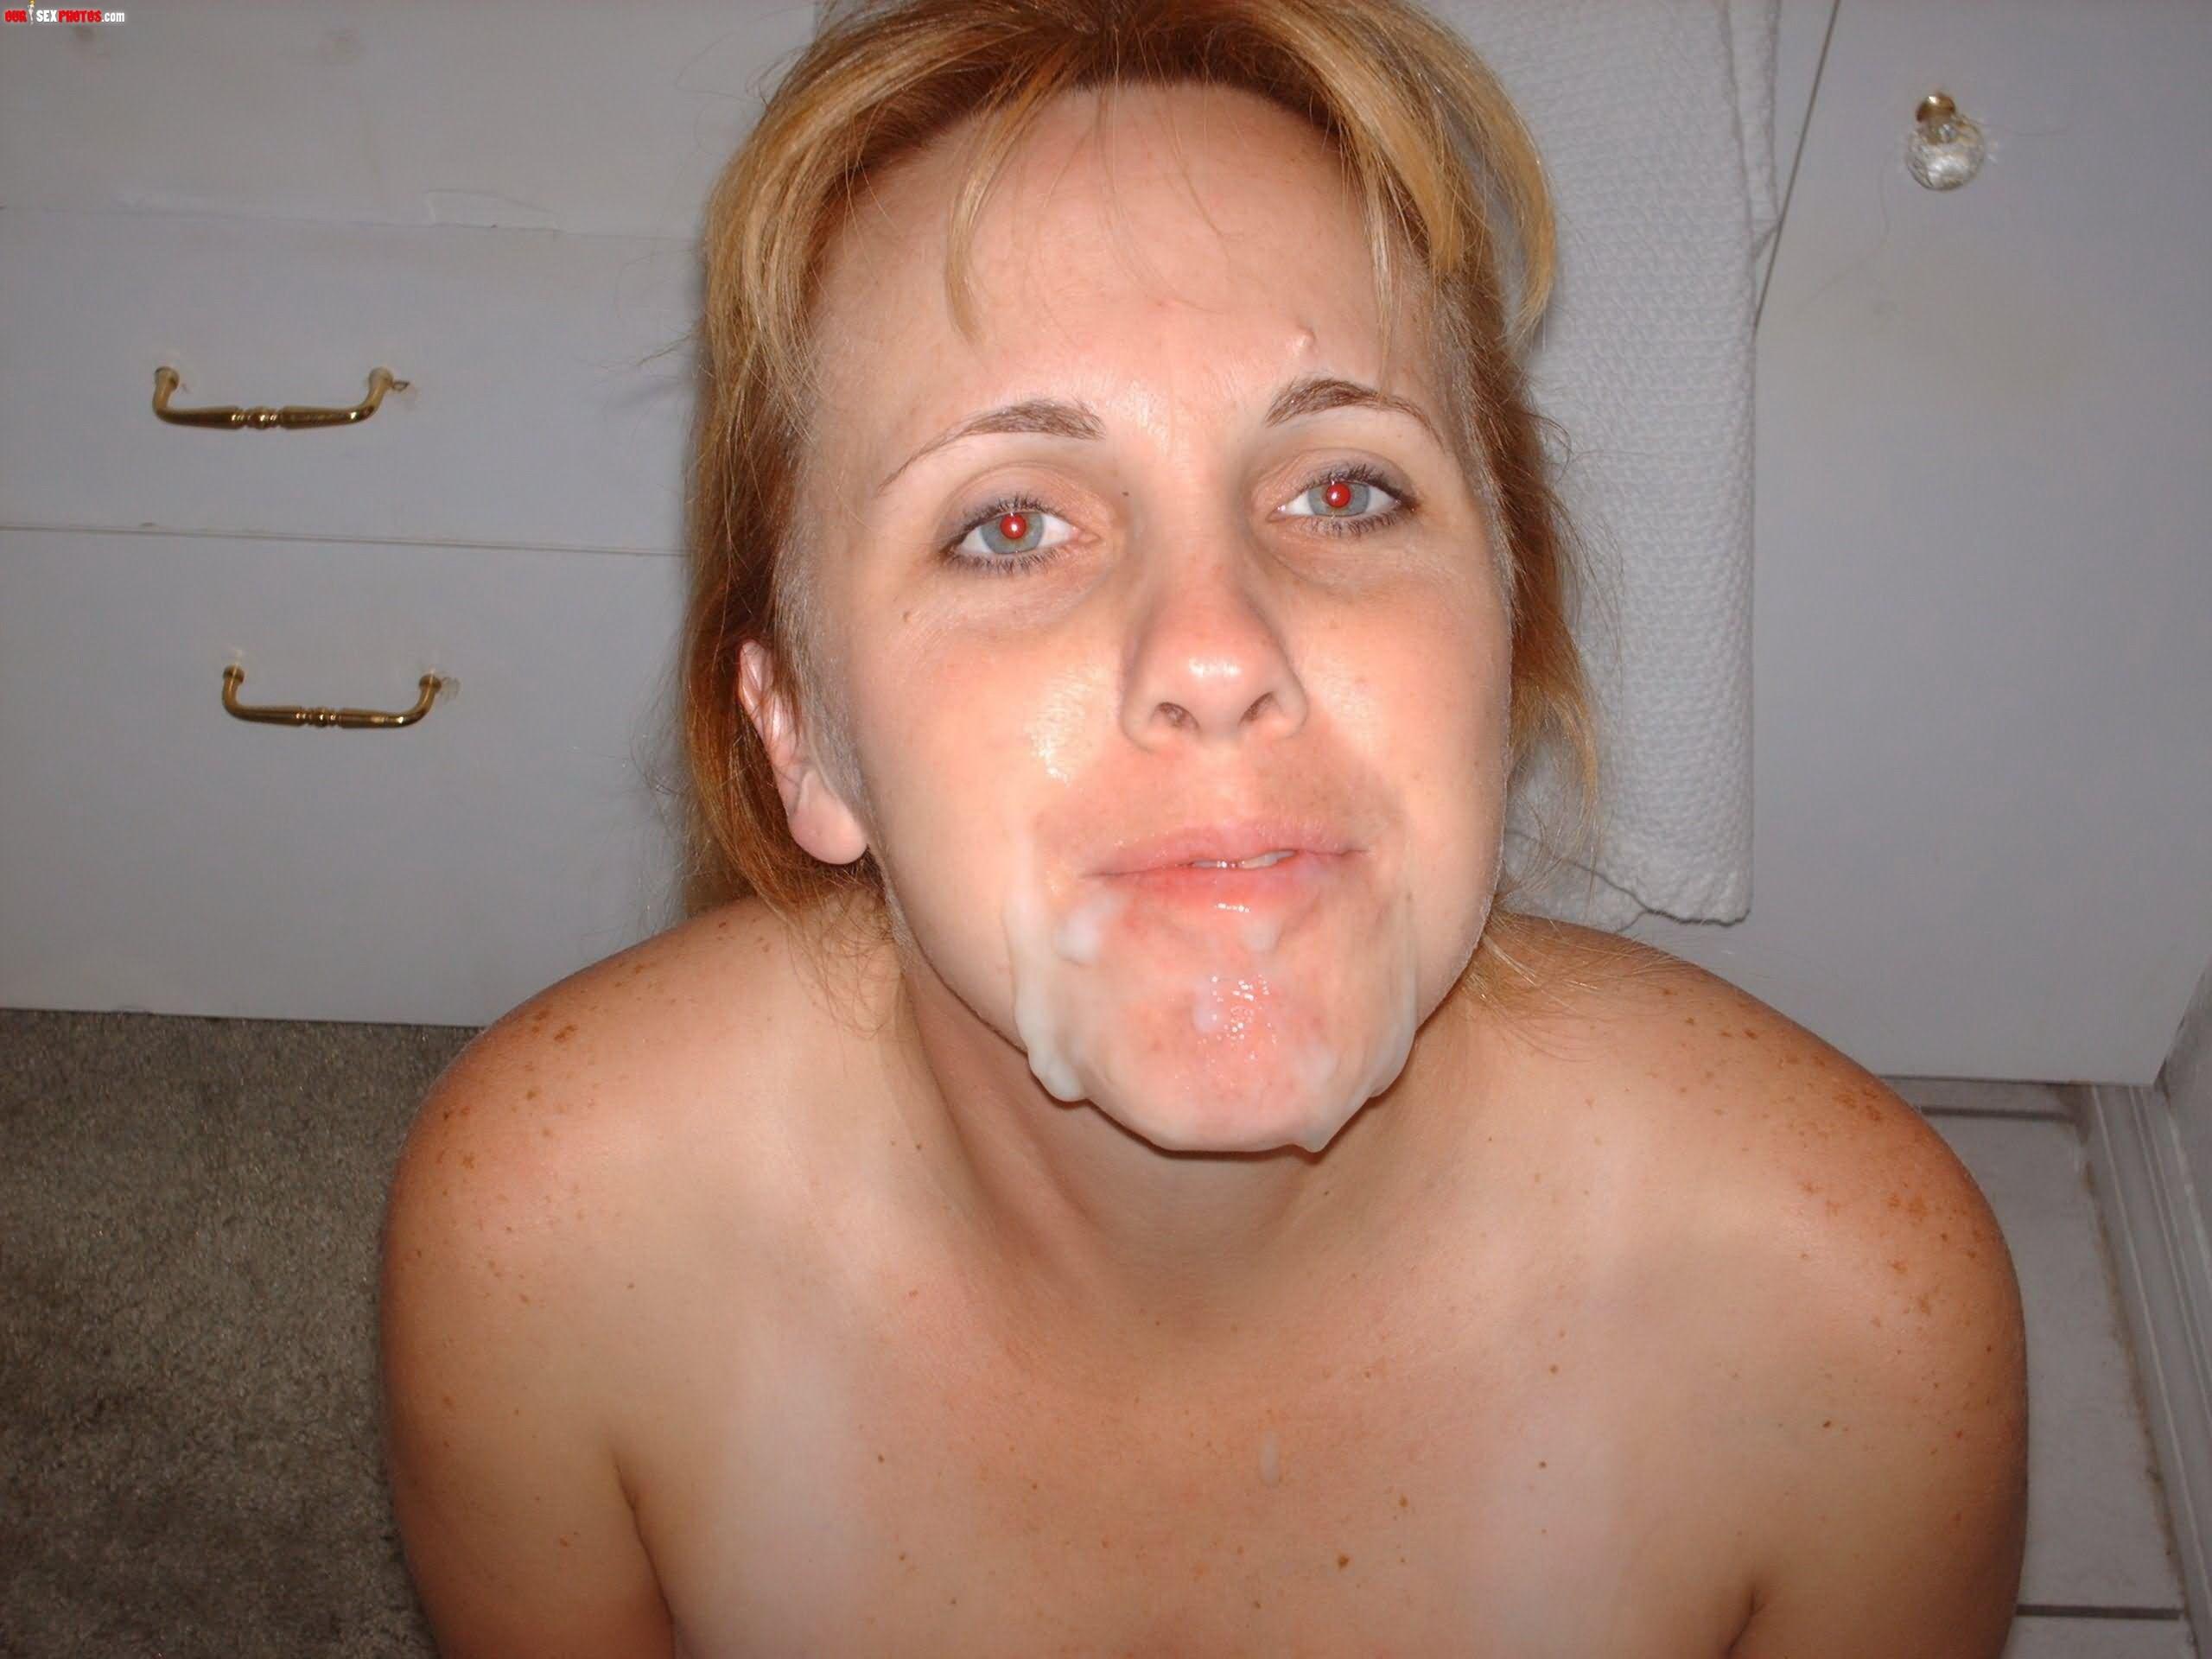 Порно фото брызг на лицо, купальники спортсменок засветы